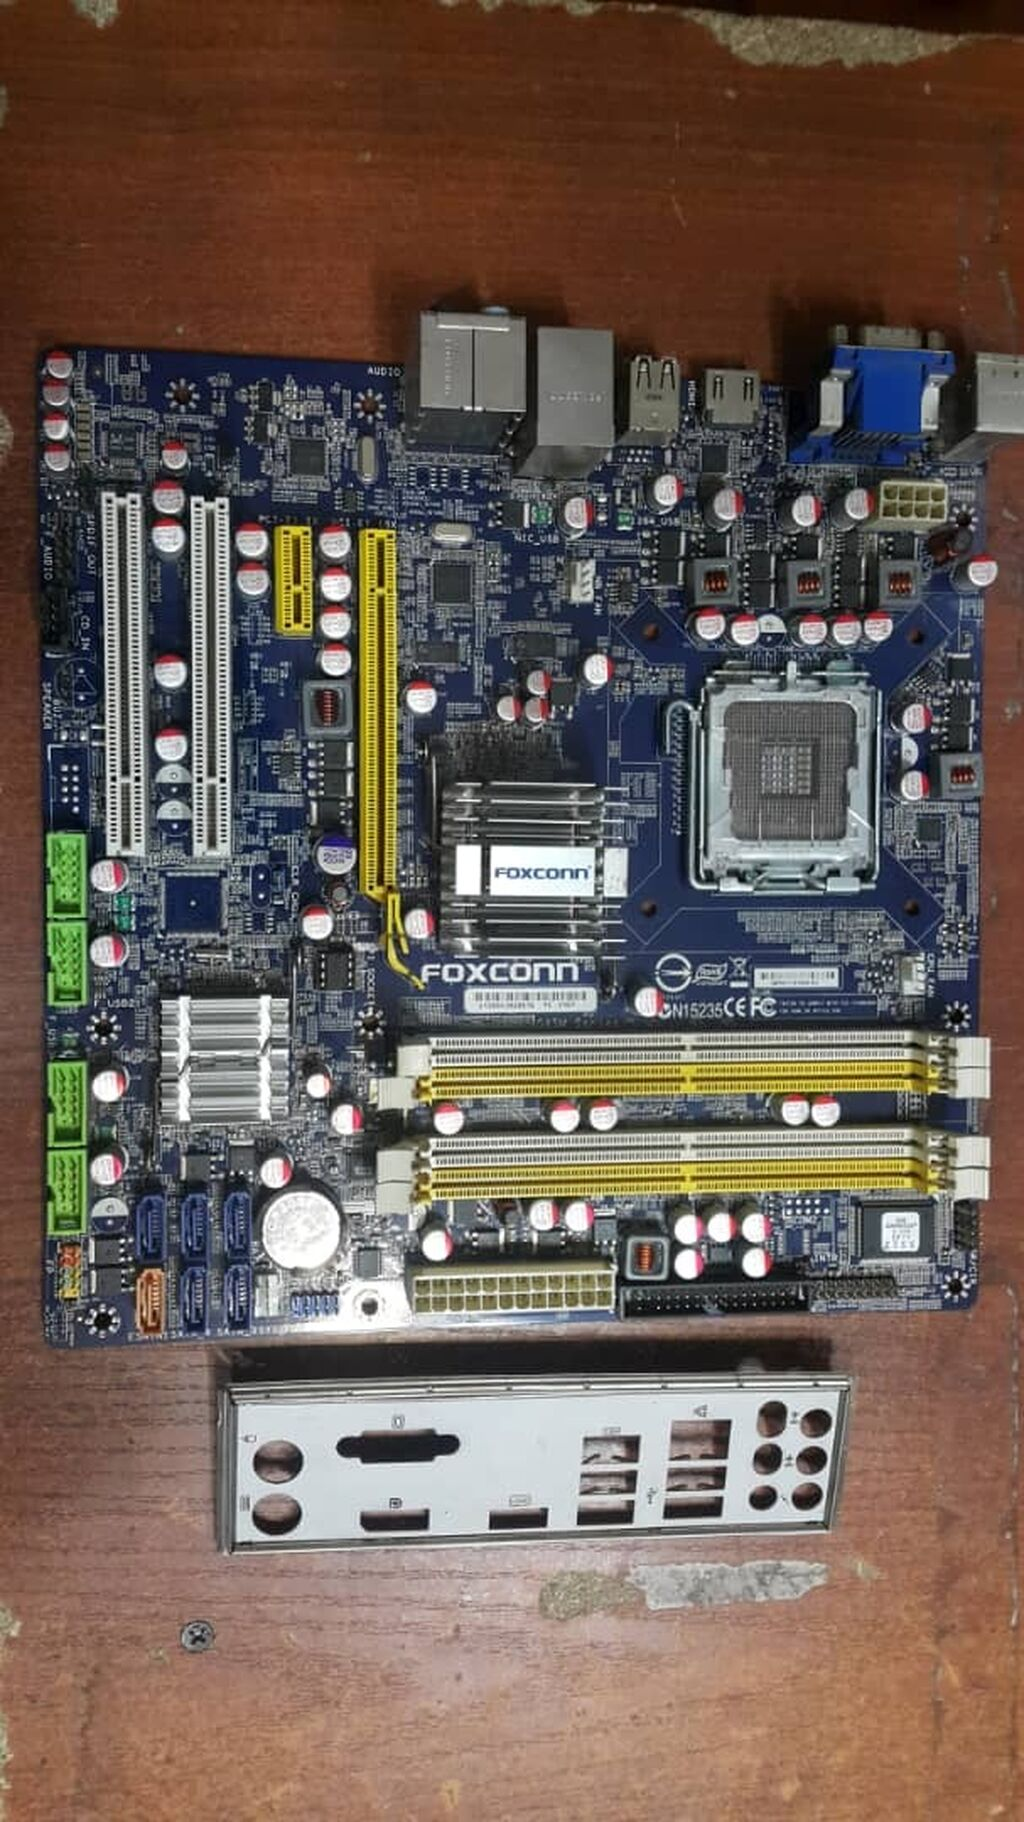 Продам хорошую плату на S 775.Foxconn G45M/ 4 слота под ddr2(до 8gb)/: Продам хорошую плату на S 775.Foxconn G45M/ 4 слота под ddr2(до 8gb)/